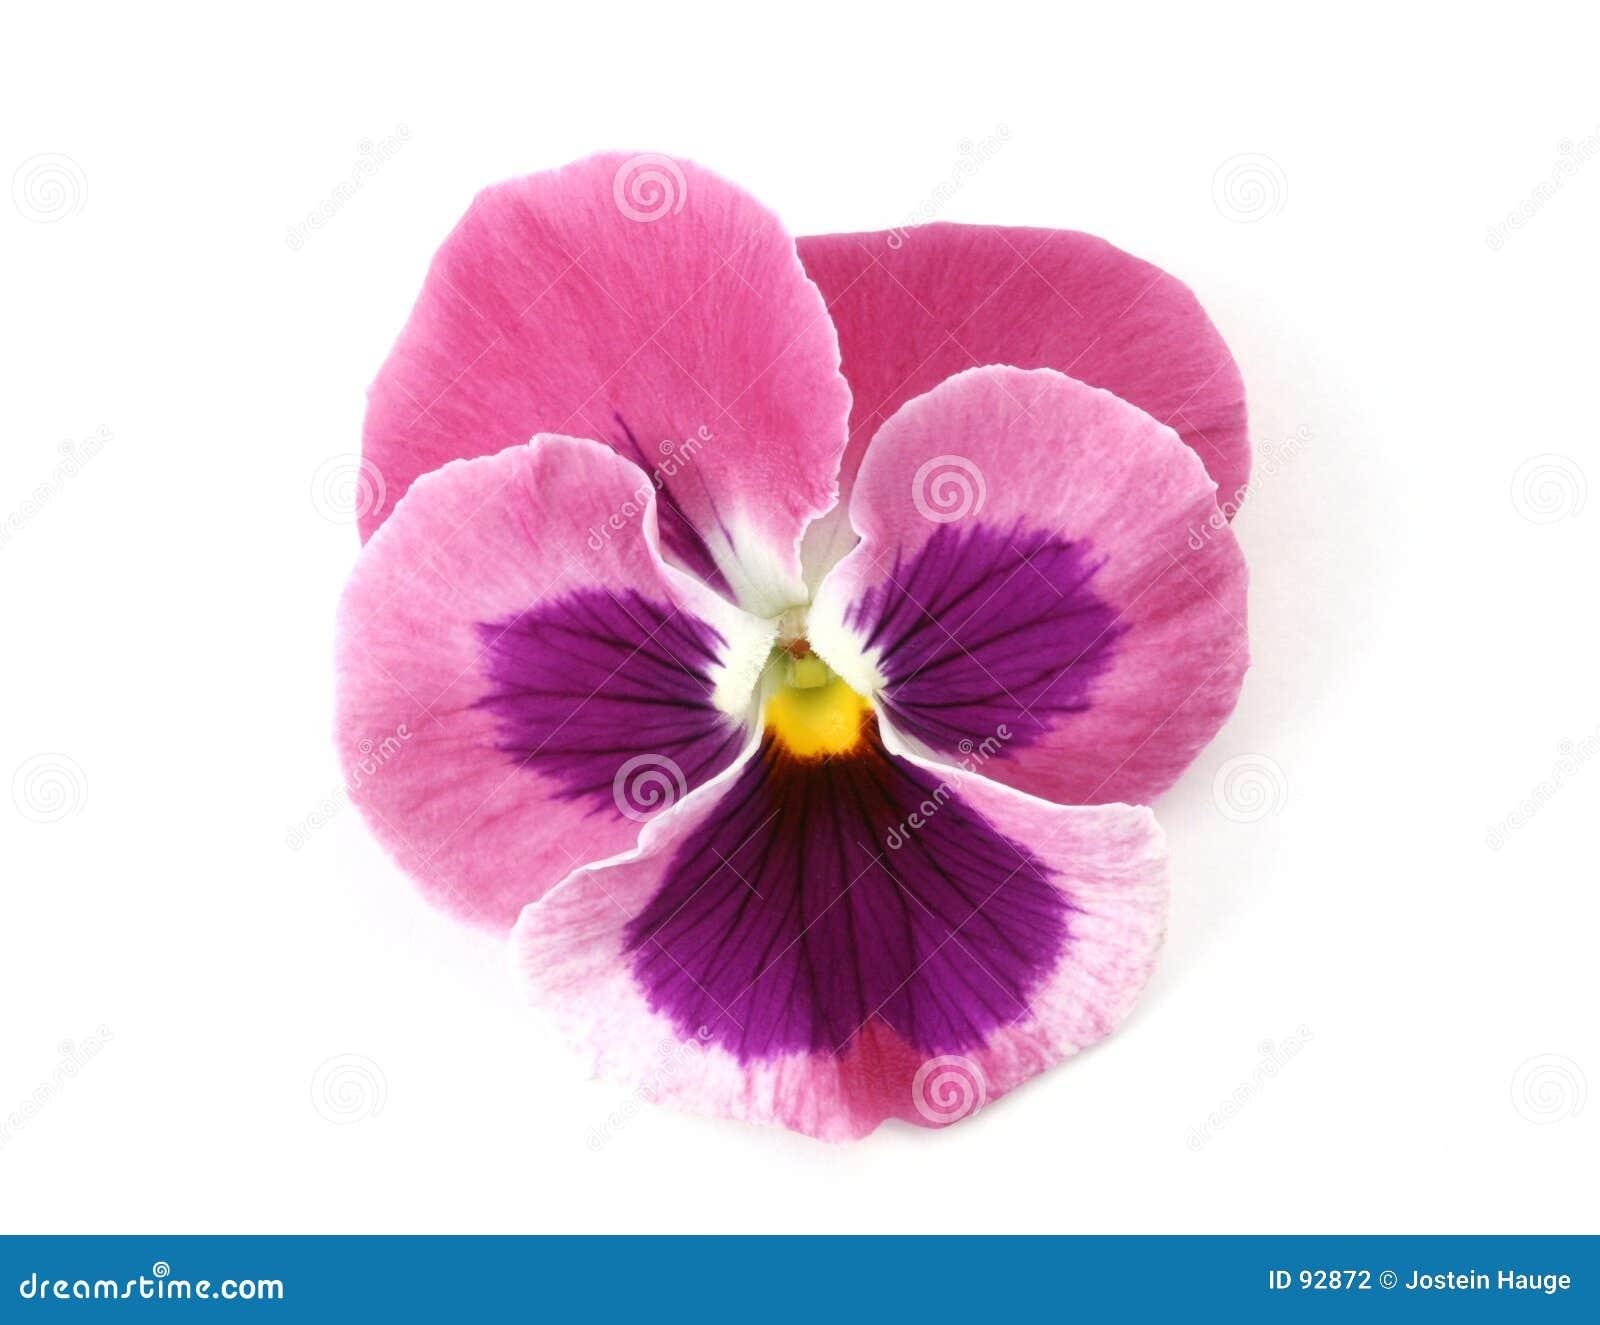 Pansy ροζ στοιχείων σχεδίου